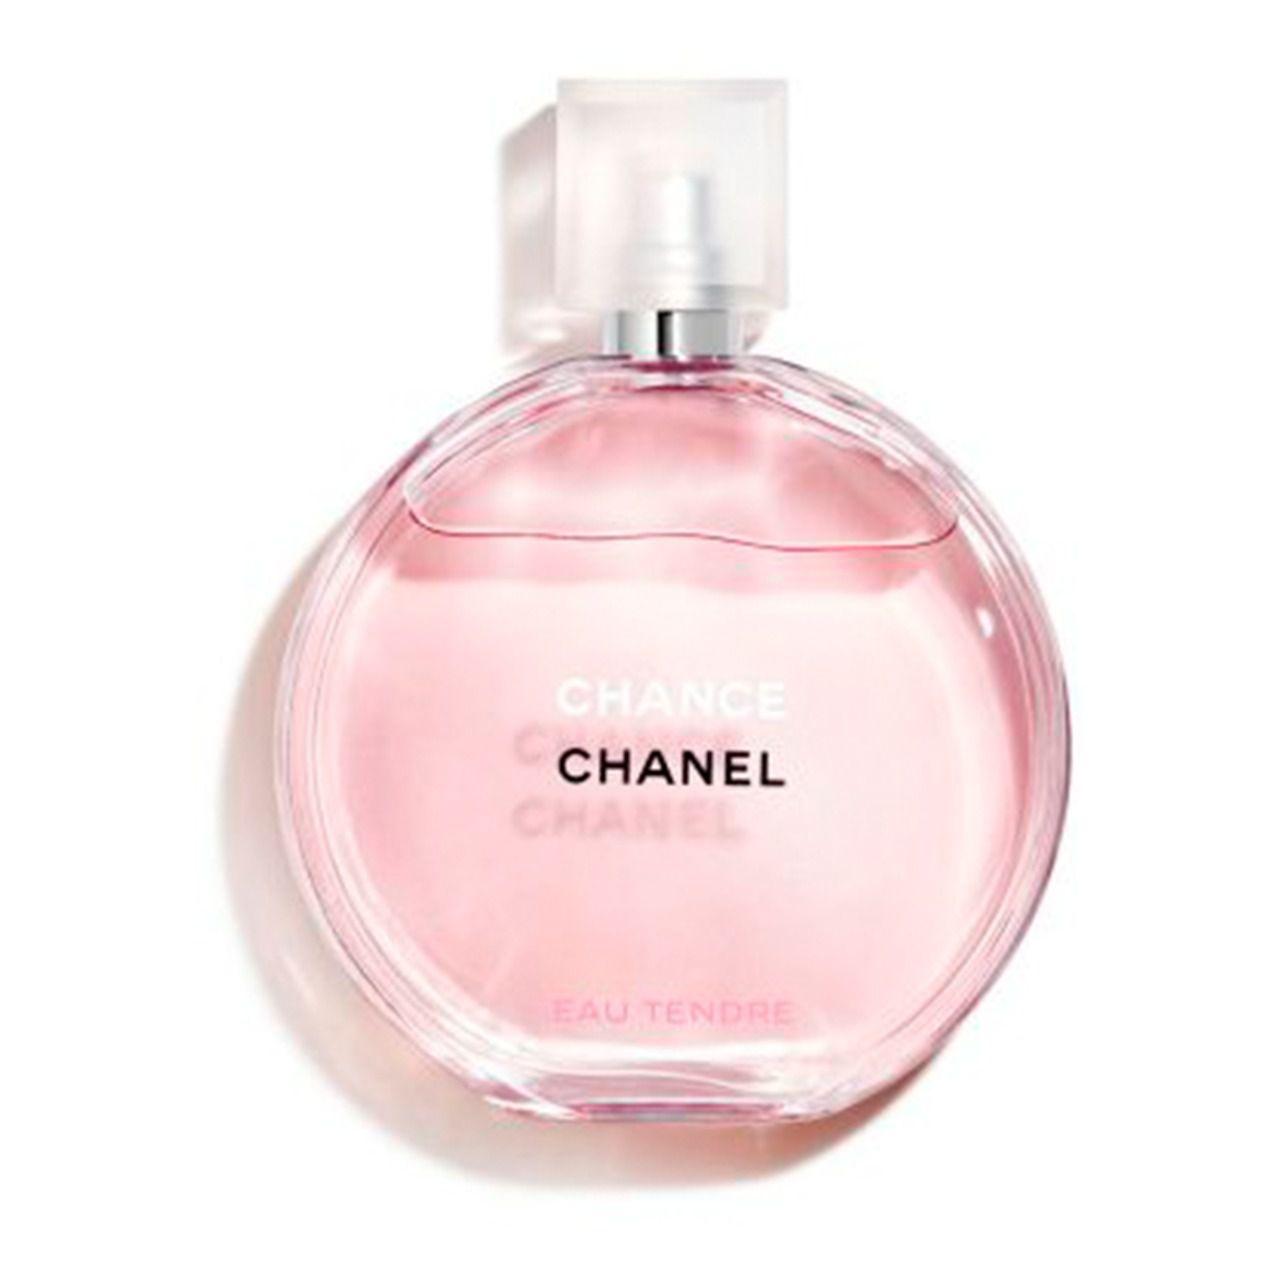 Chance Eau Tendre Chanel Eau de Toilette Perfume Feminino